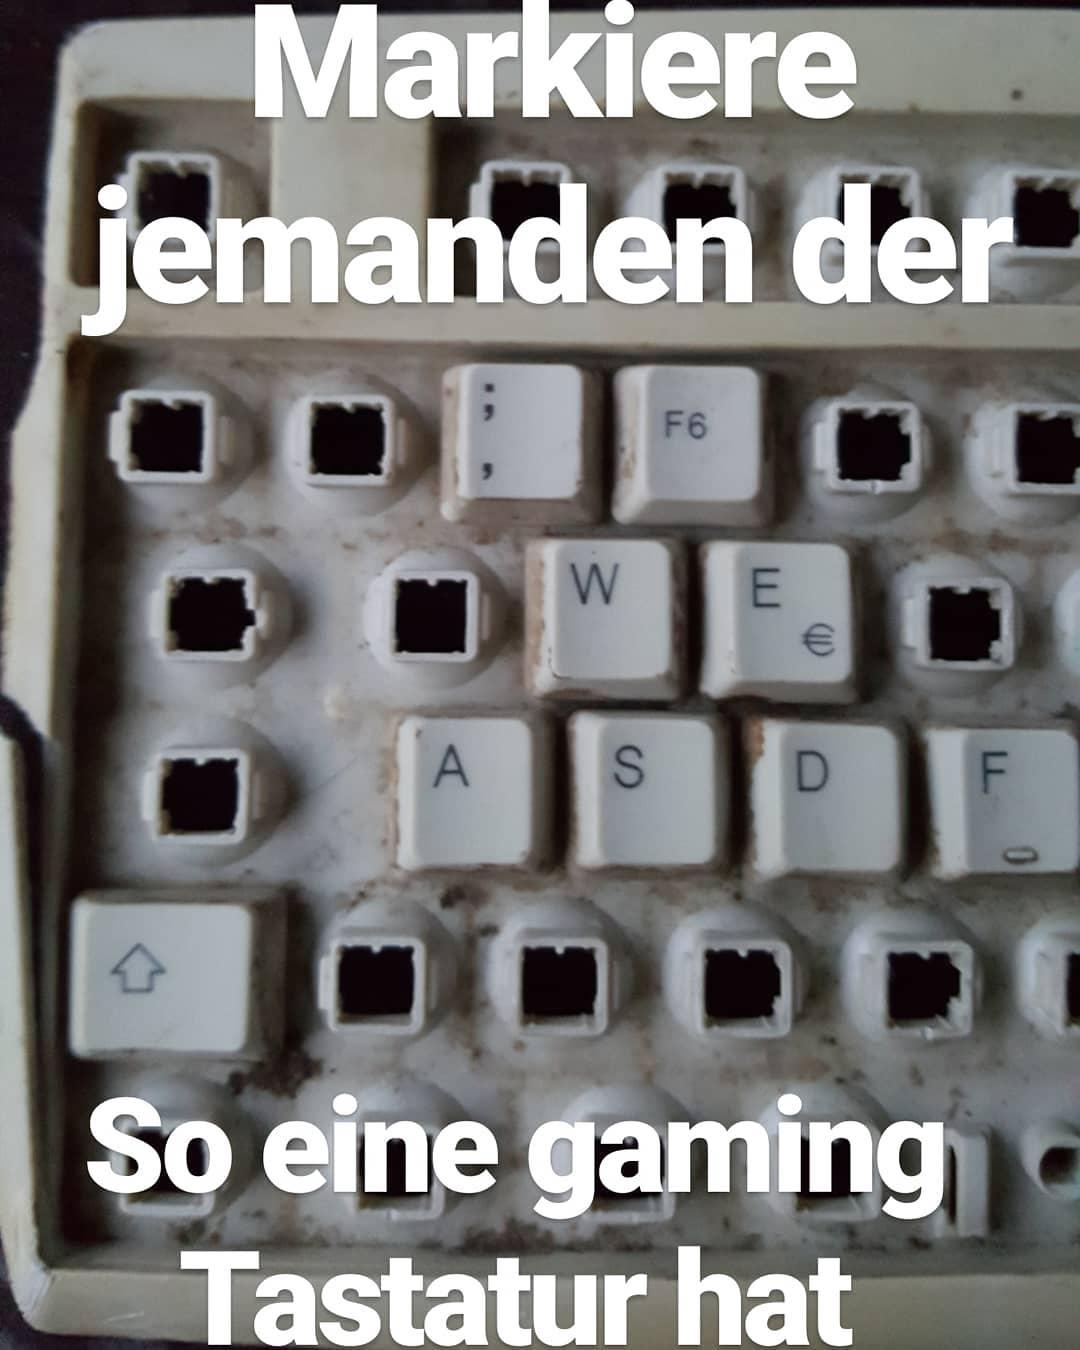 Markiere jemanden der so eine gaming Tastatur besitzt